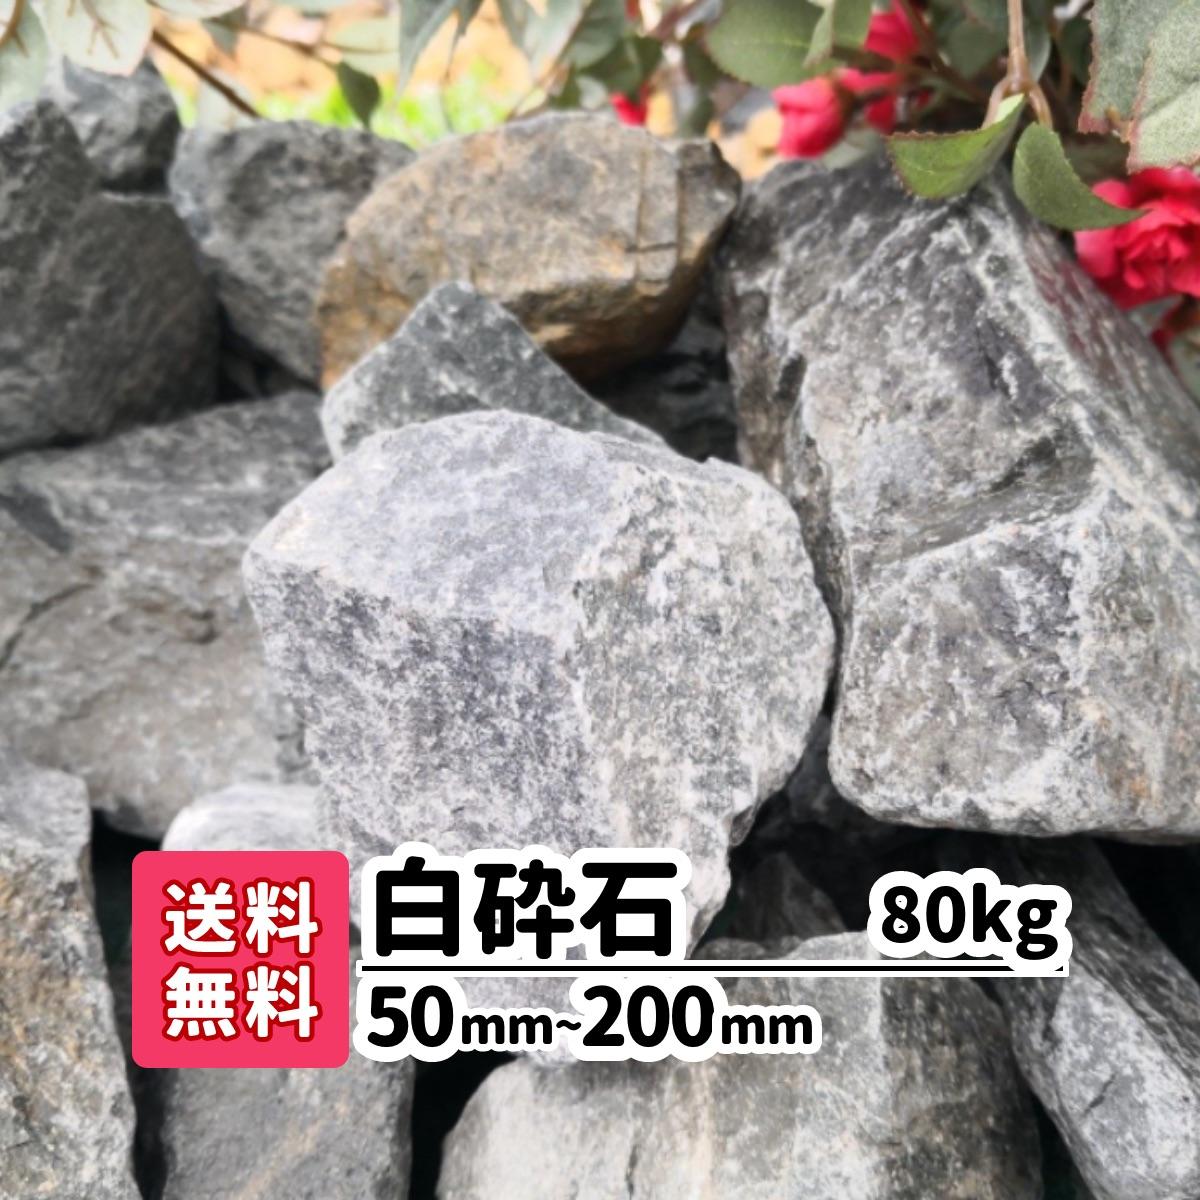 愛知県産の白砕石です 硬い石質で重量感がある大きな石です 全体的に白色で落ち着いた印象のお庭になります 送料無料 80kg 白砕石 50mm~200mm ロックガーデン 庭 アプローチ おしゃれ ガーデニング アクアリウム 大きい石 駐車場 割栗石 園芸 チープ 造園 砂利 水槽レイアウト リフォーム 絶品 白い石 ホワイト 熱帯魚 花壇 庭園 洋風 レイアウト メダカ